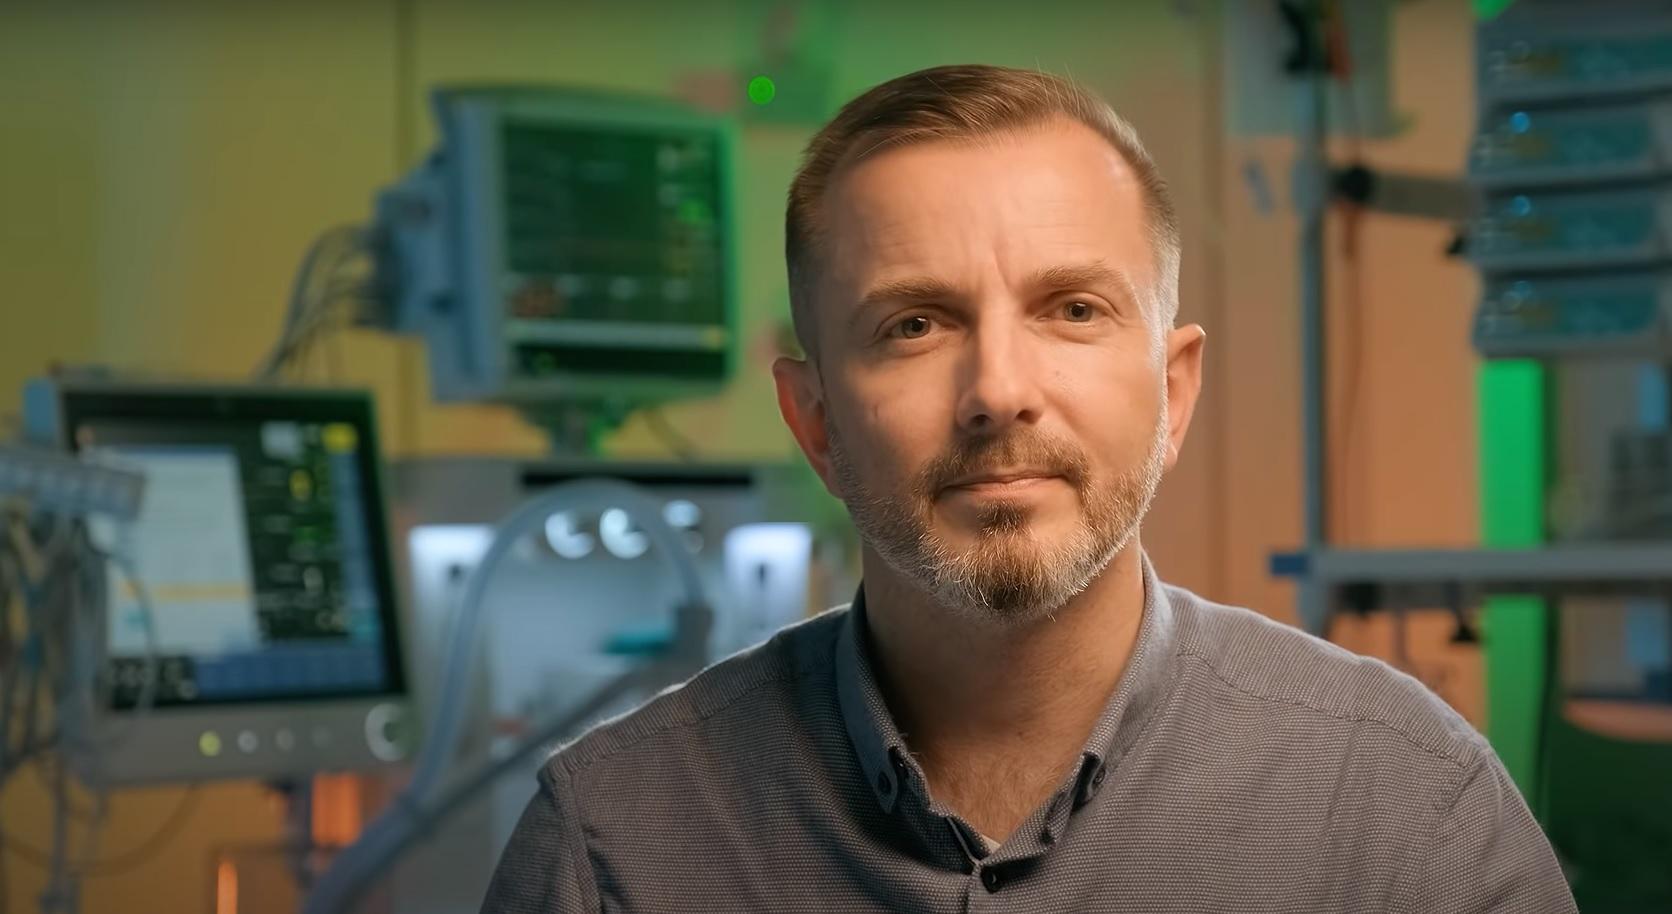 Tomasz Rożek poprowadzi wykłady na jednej z rzeszowskich uczelni - Zdjęcie główne